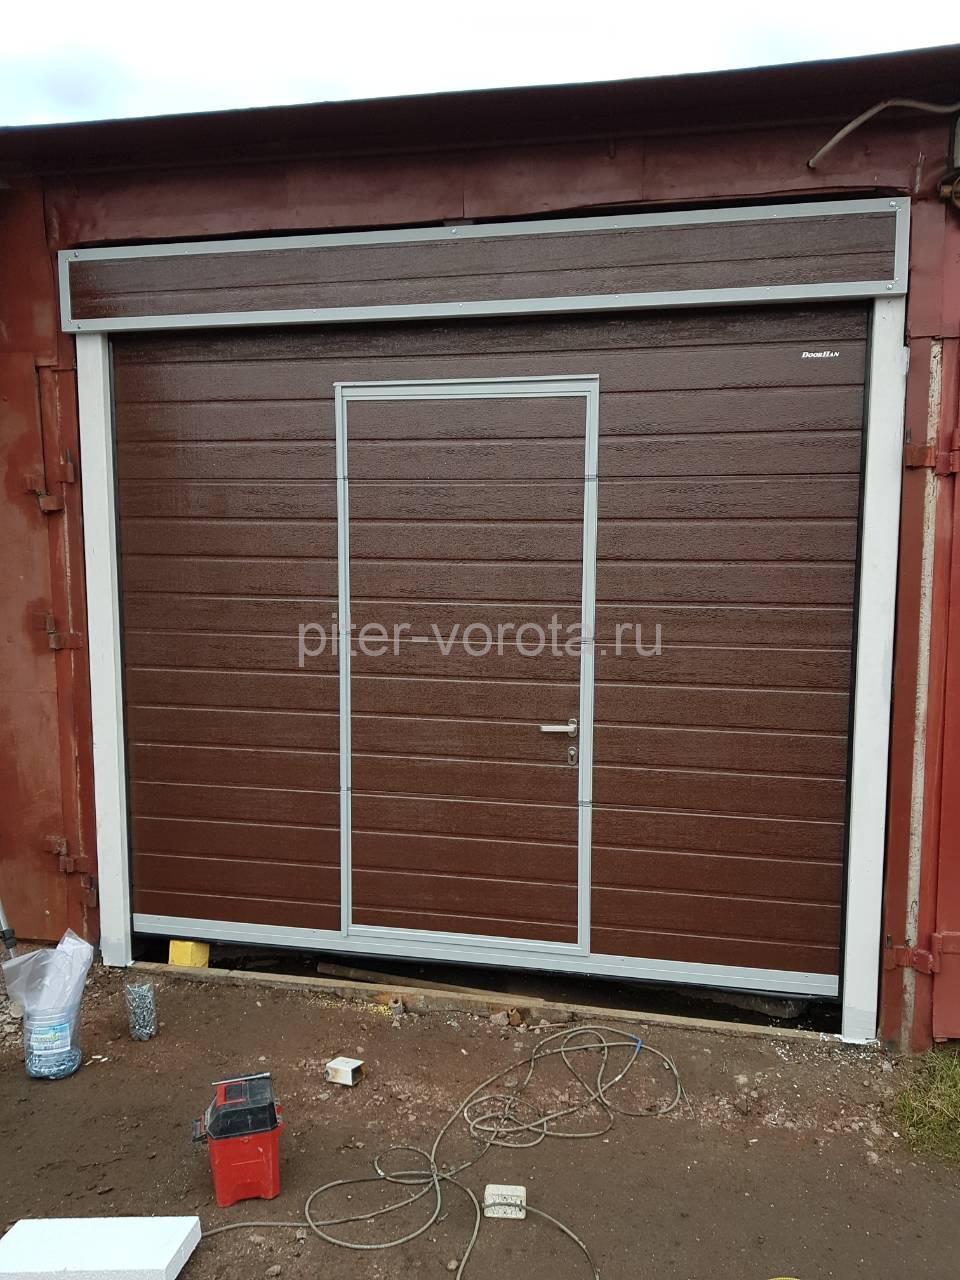 Гаражные подъёмно-секционные ворота Doorhan RSD02 на ул.Кржижановского